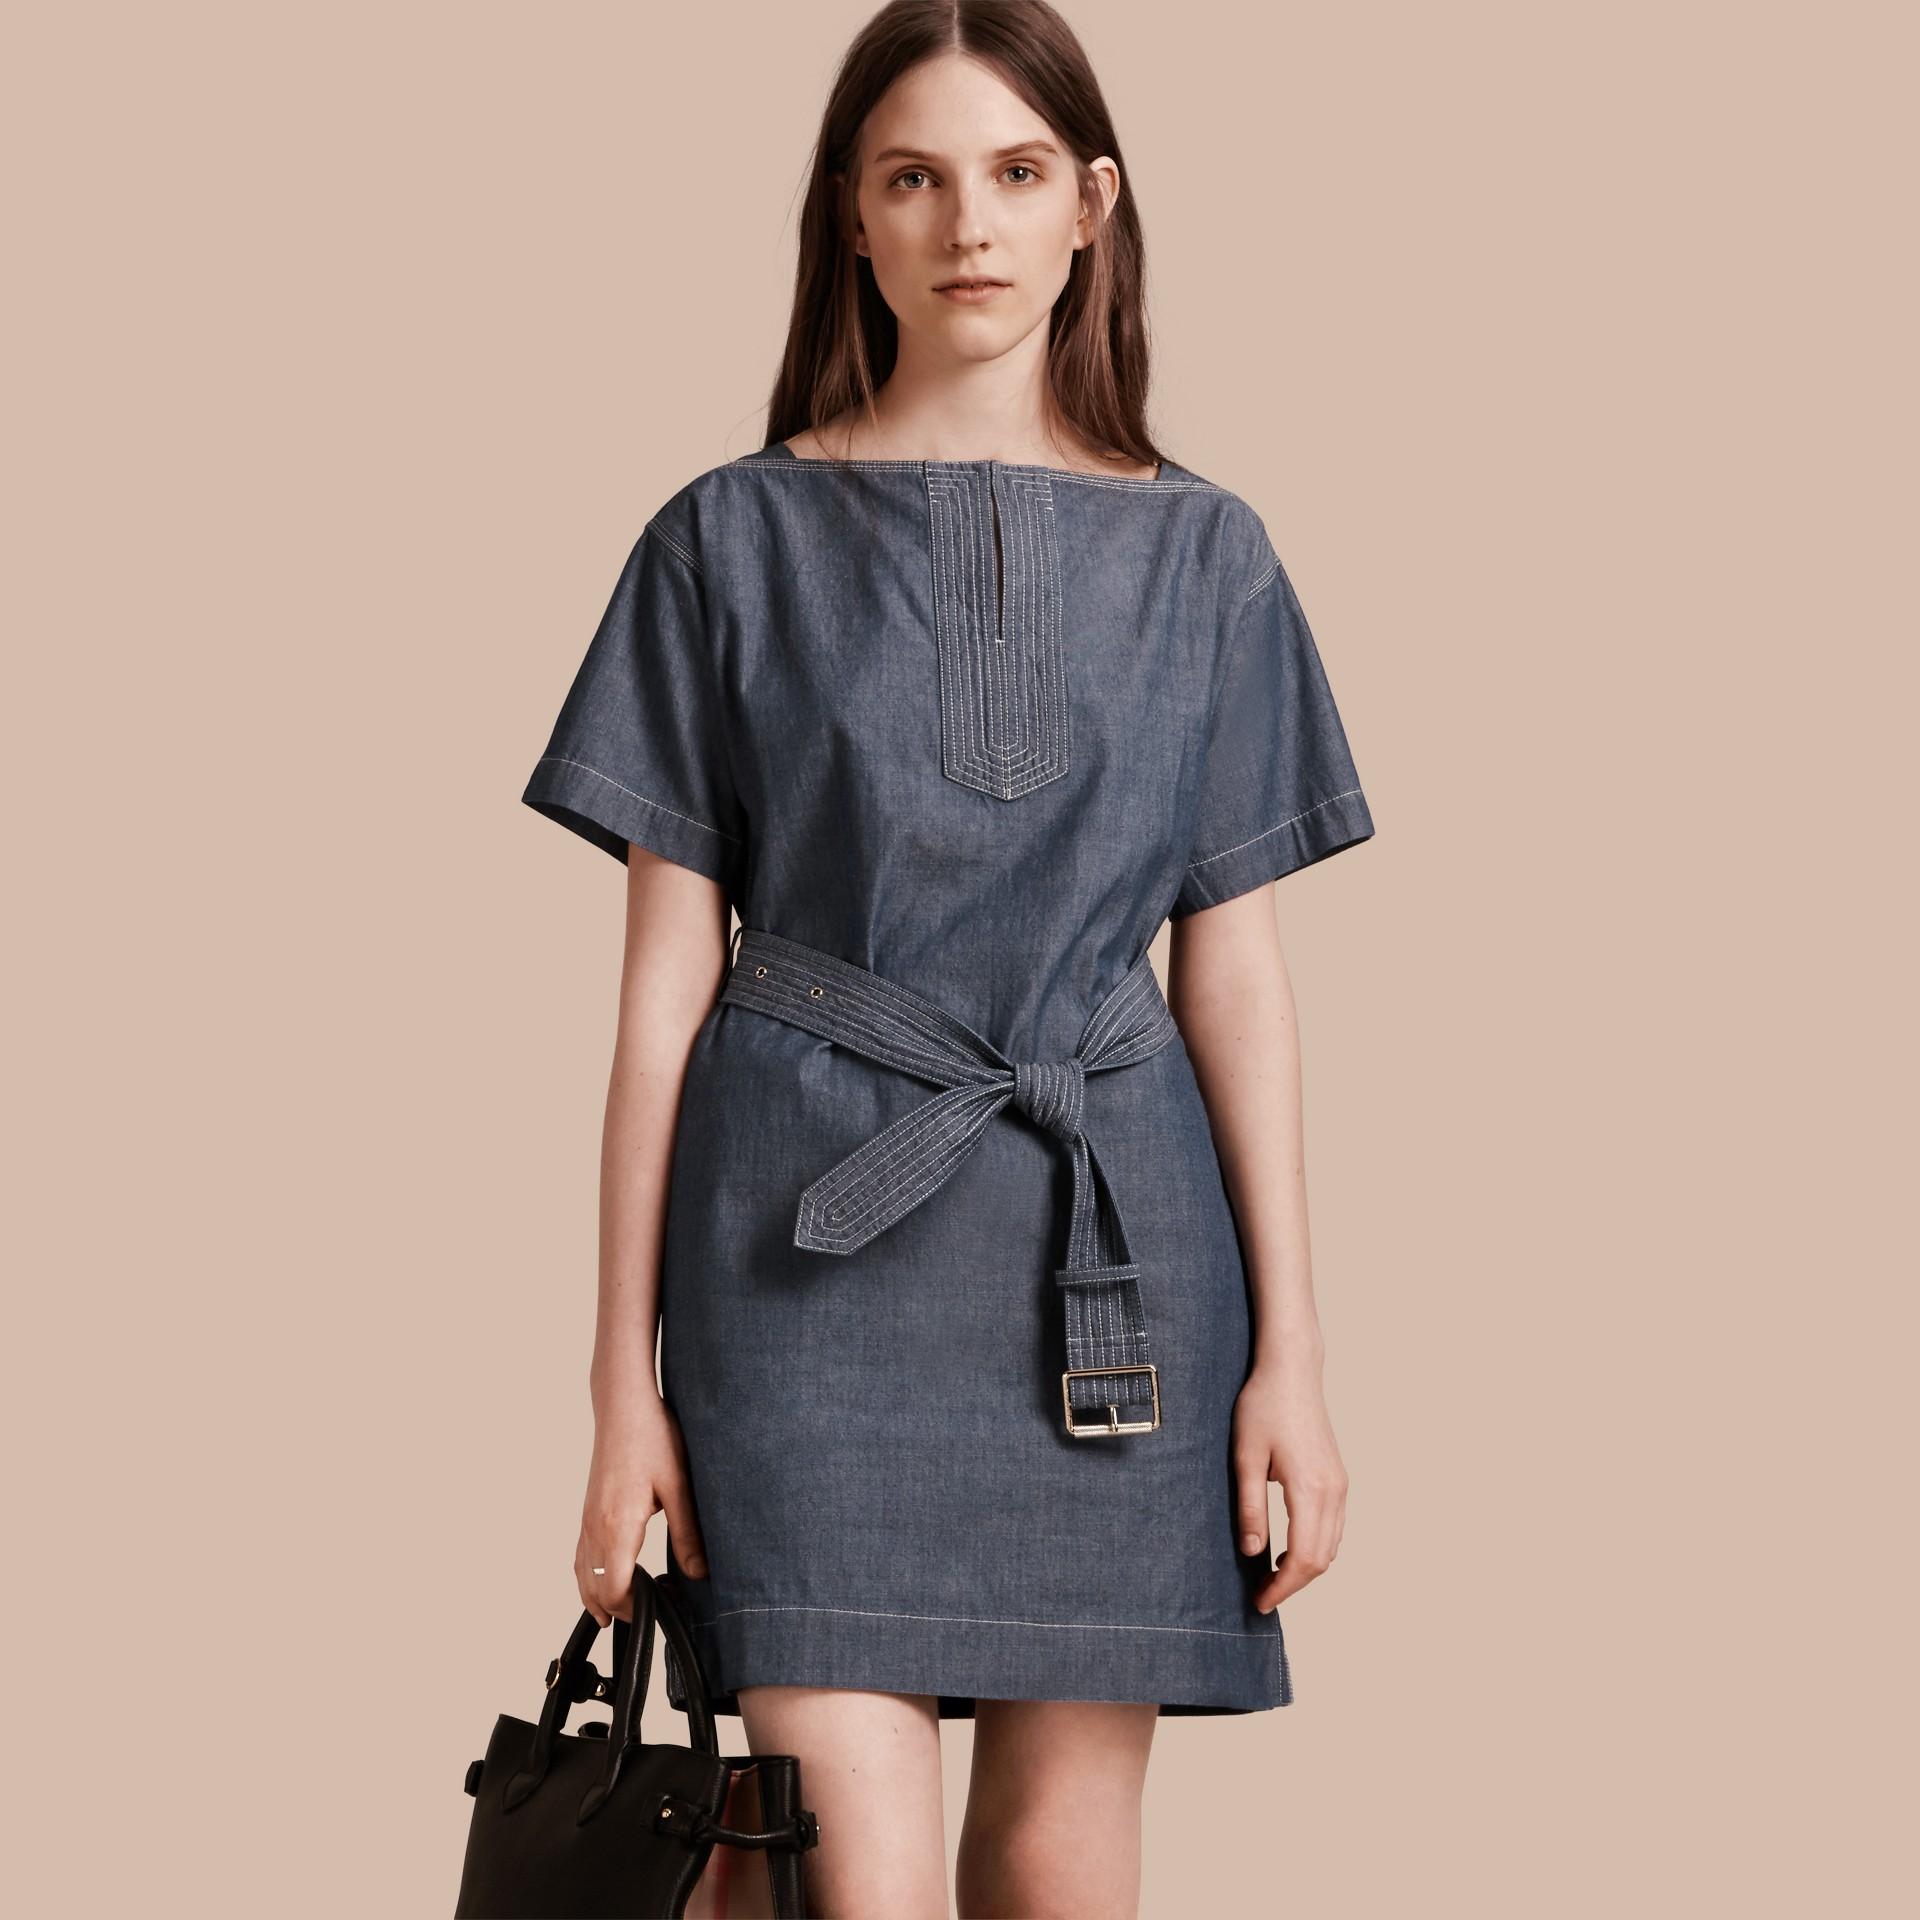 라이트 인디고 벨트 쇼트 슬리브 샴브레이 코튼 드레스 - 갤러리 이미지 1